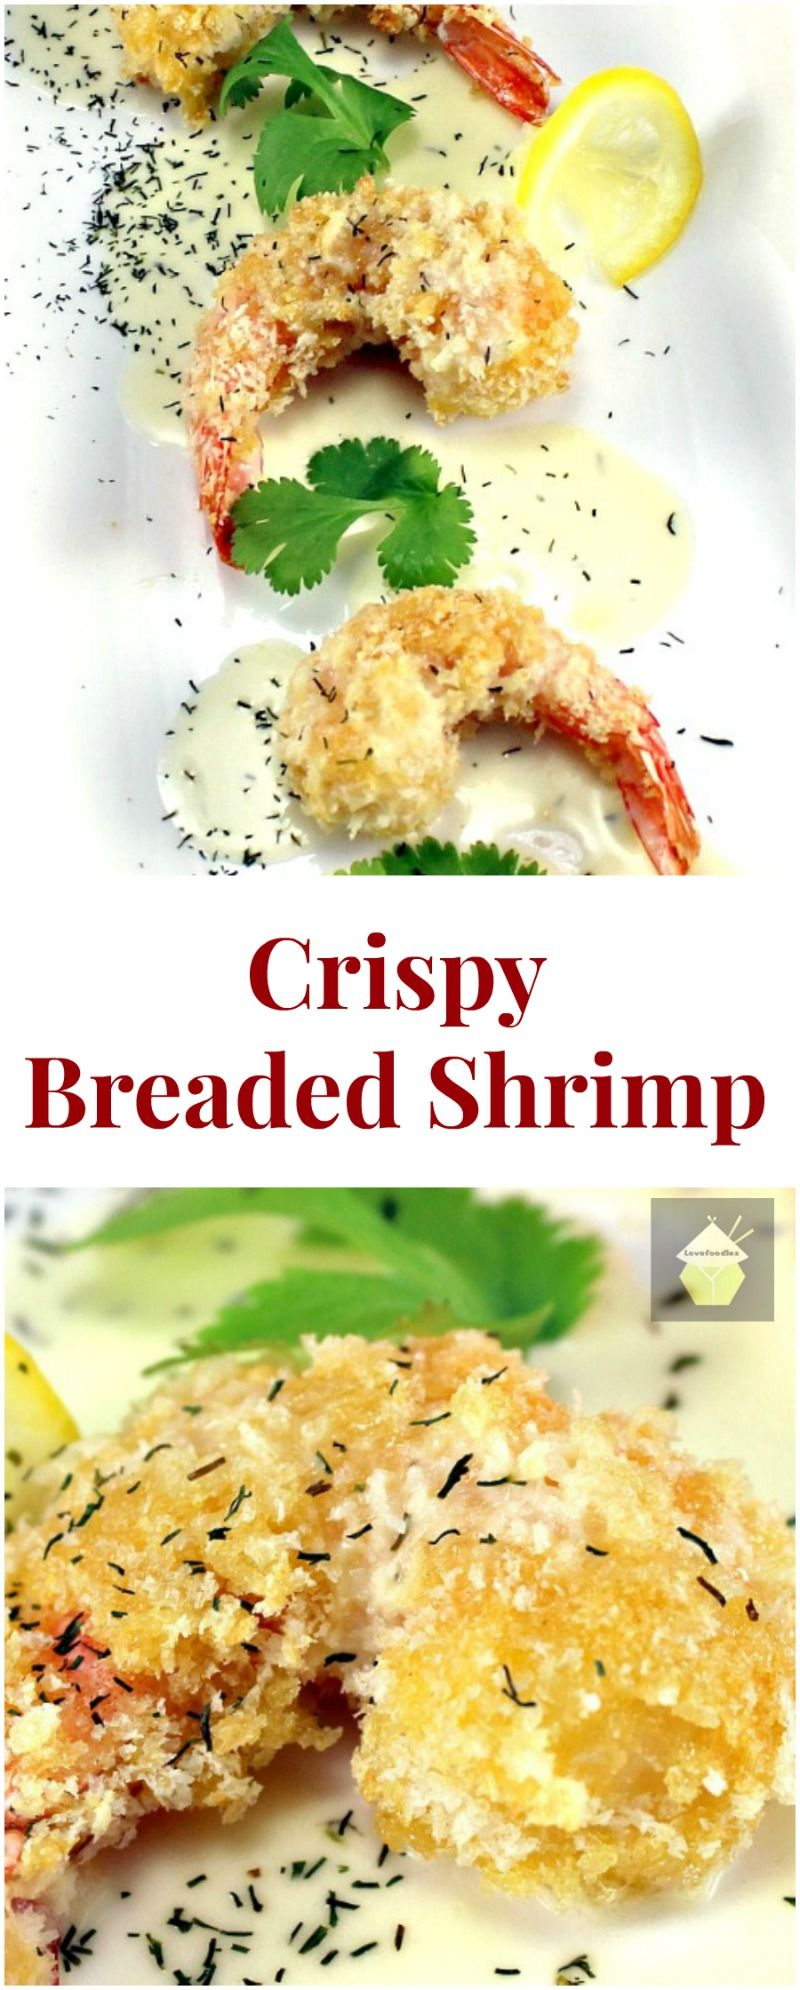 Garlic Bread and Shrimp Sheet Pan Dinner   Food recipes ...   Breaded Shrimp Dinner Ideas